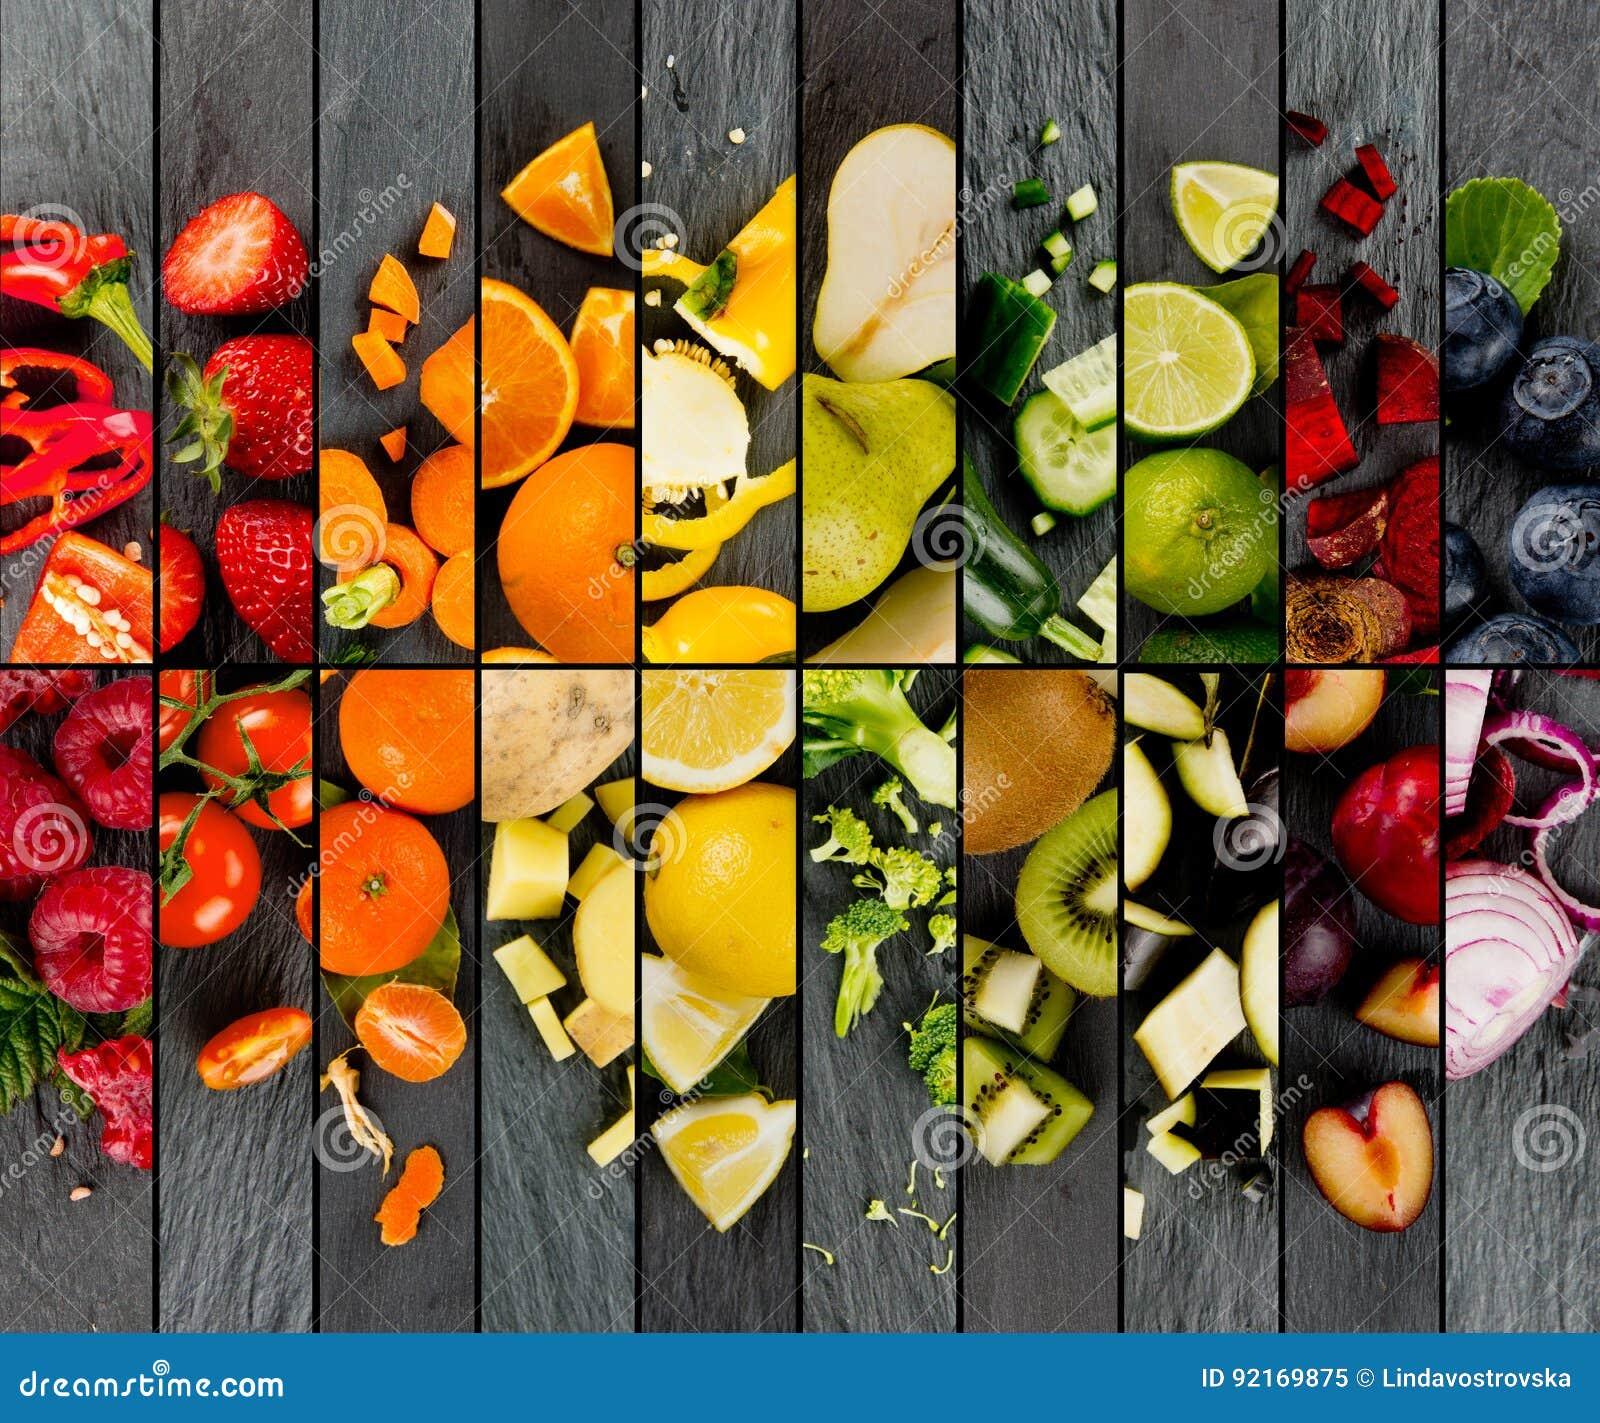 Mezcla de la fruta y verdura